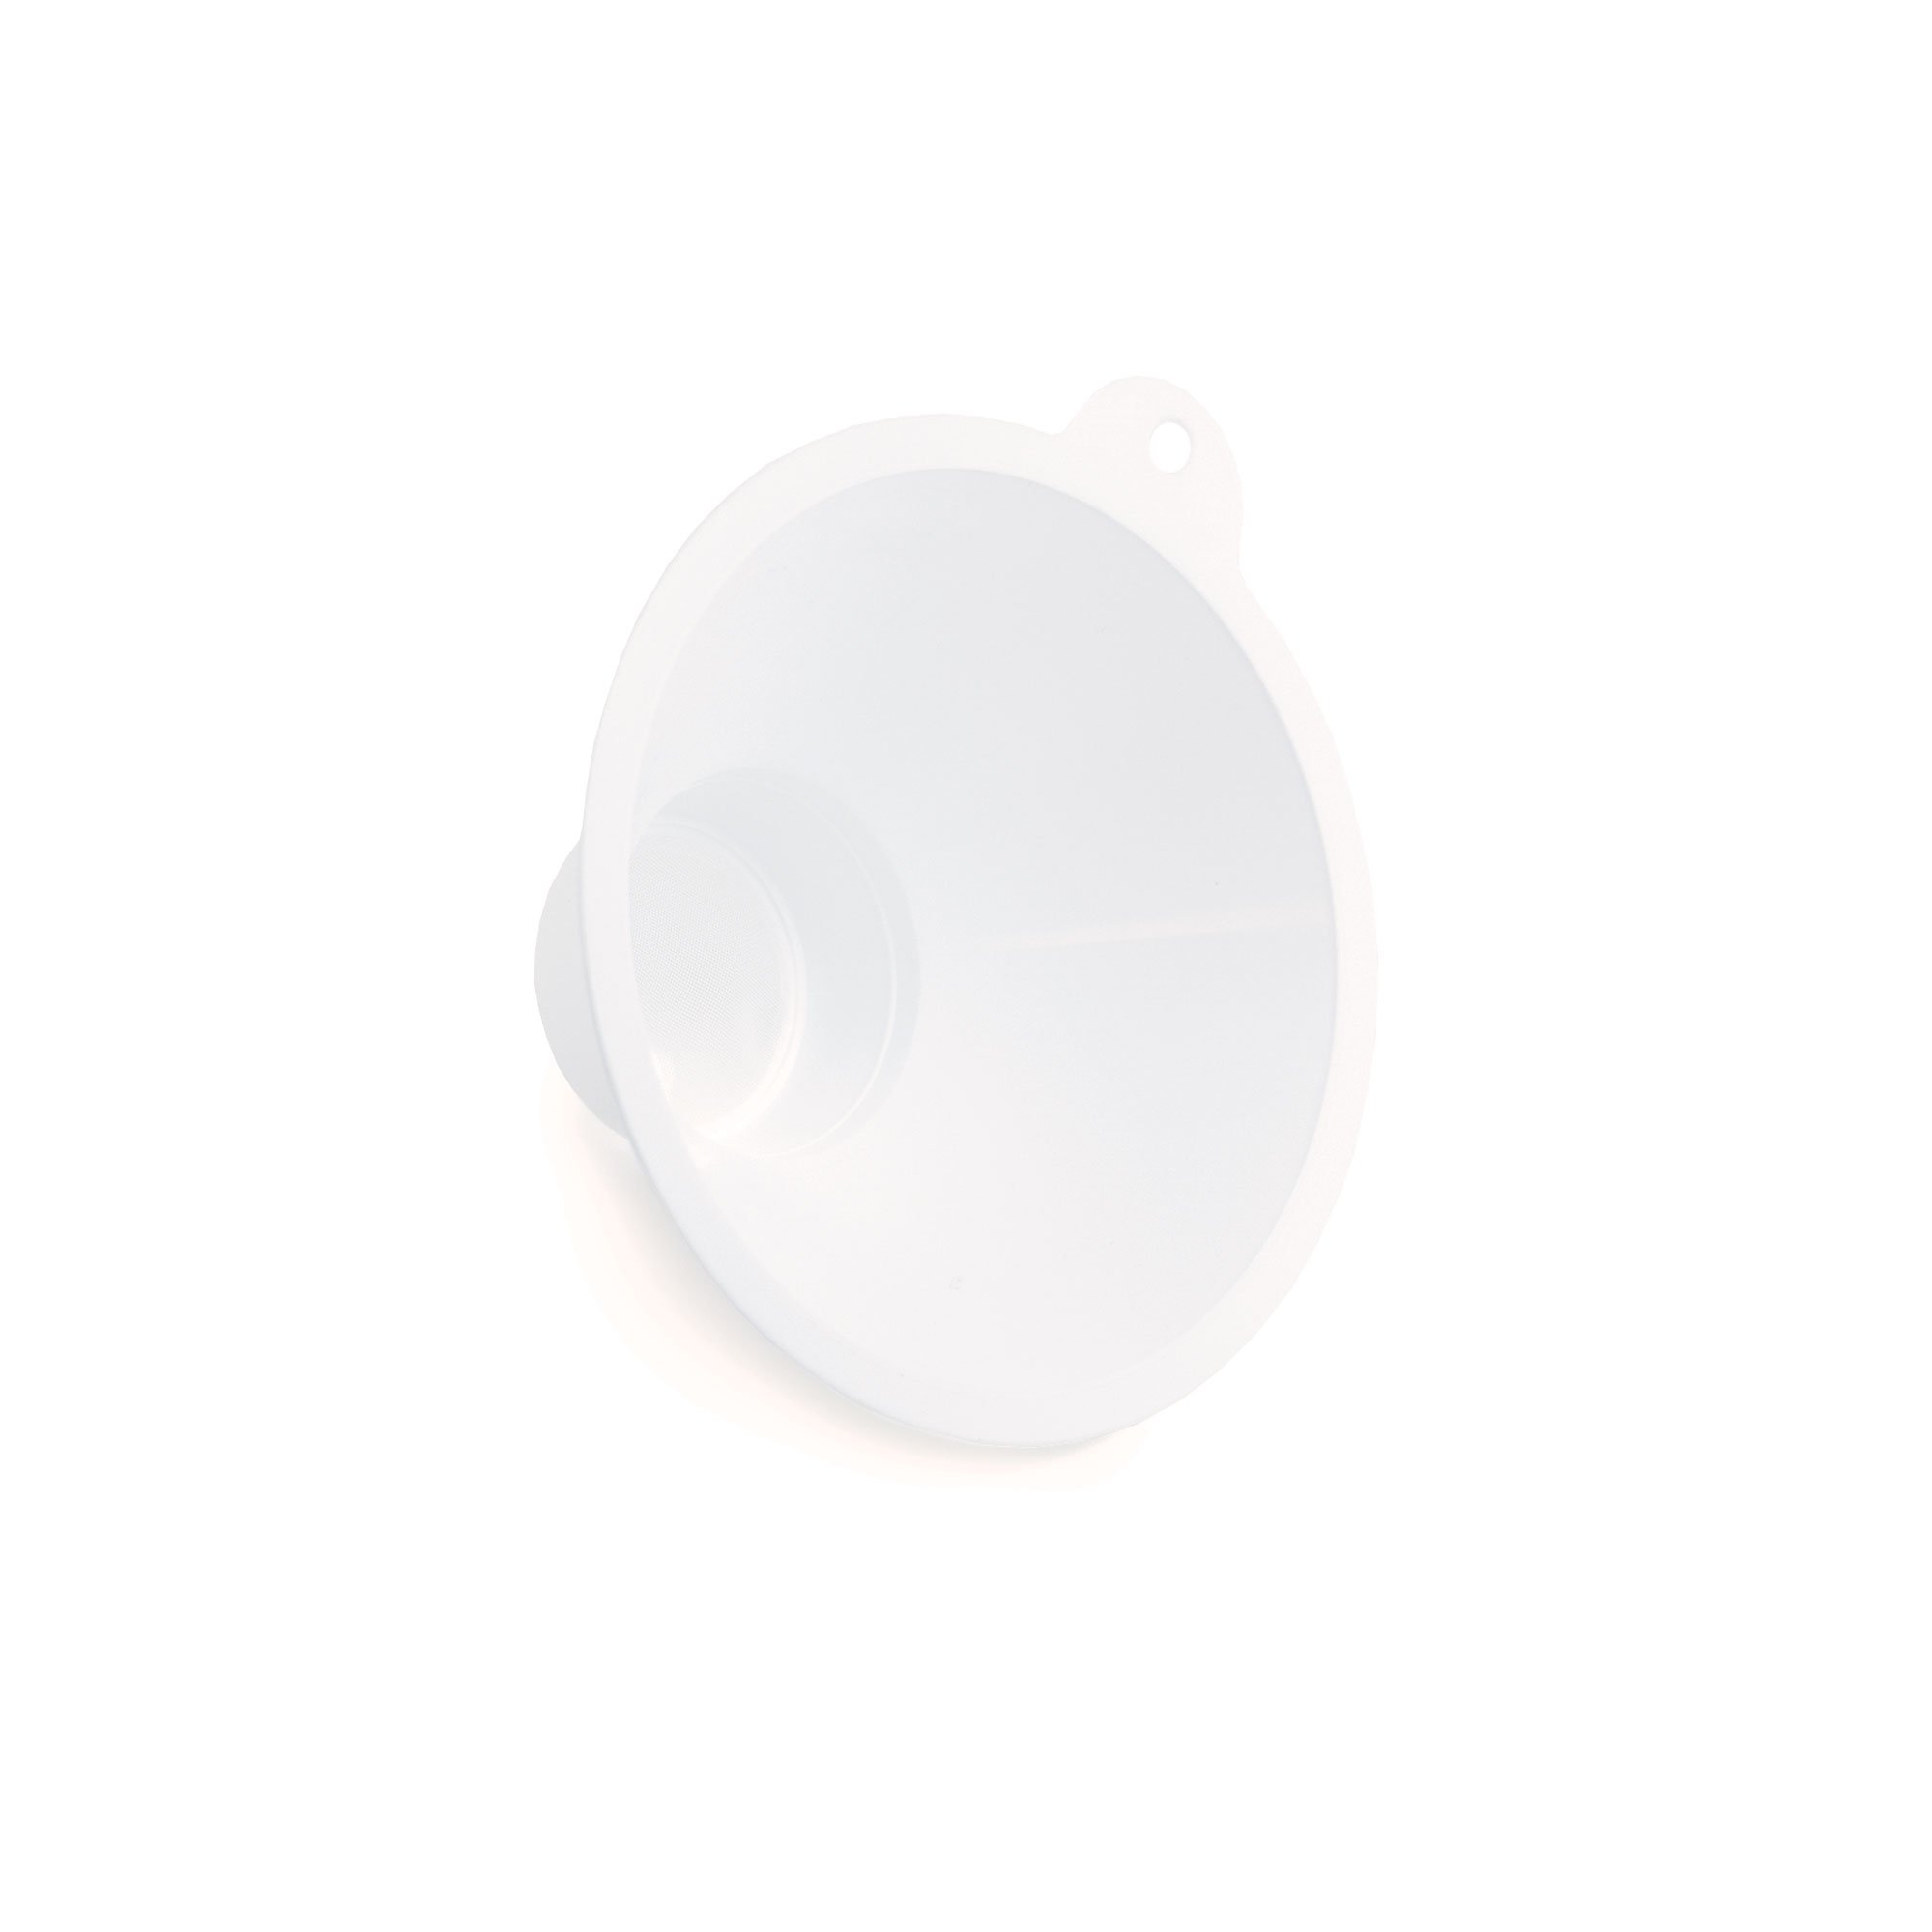 Medegen 4712 Non-Sterile Calculi Strainer, White (Pack of 100)